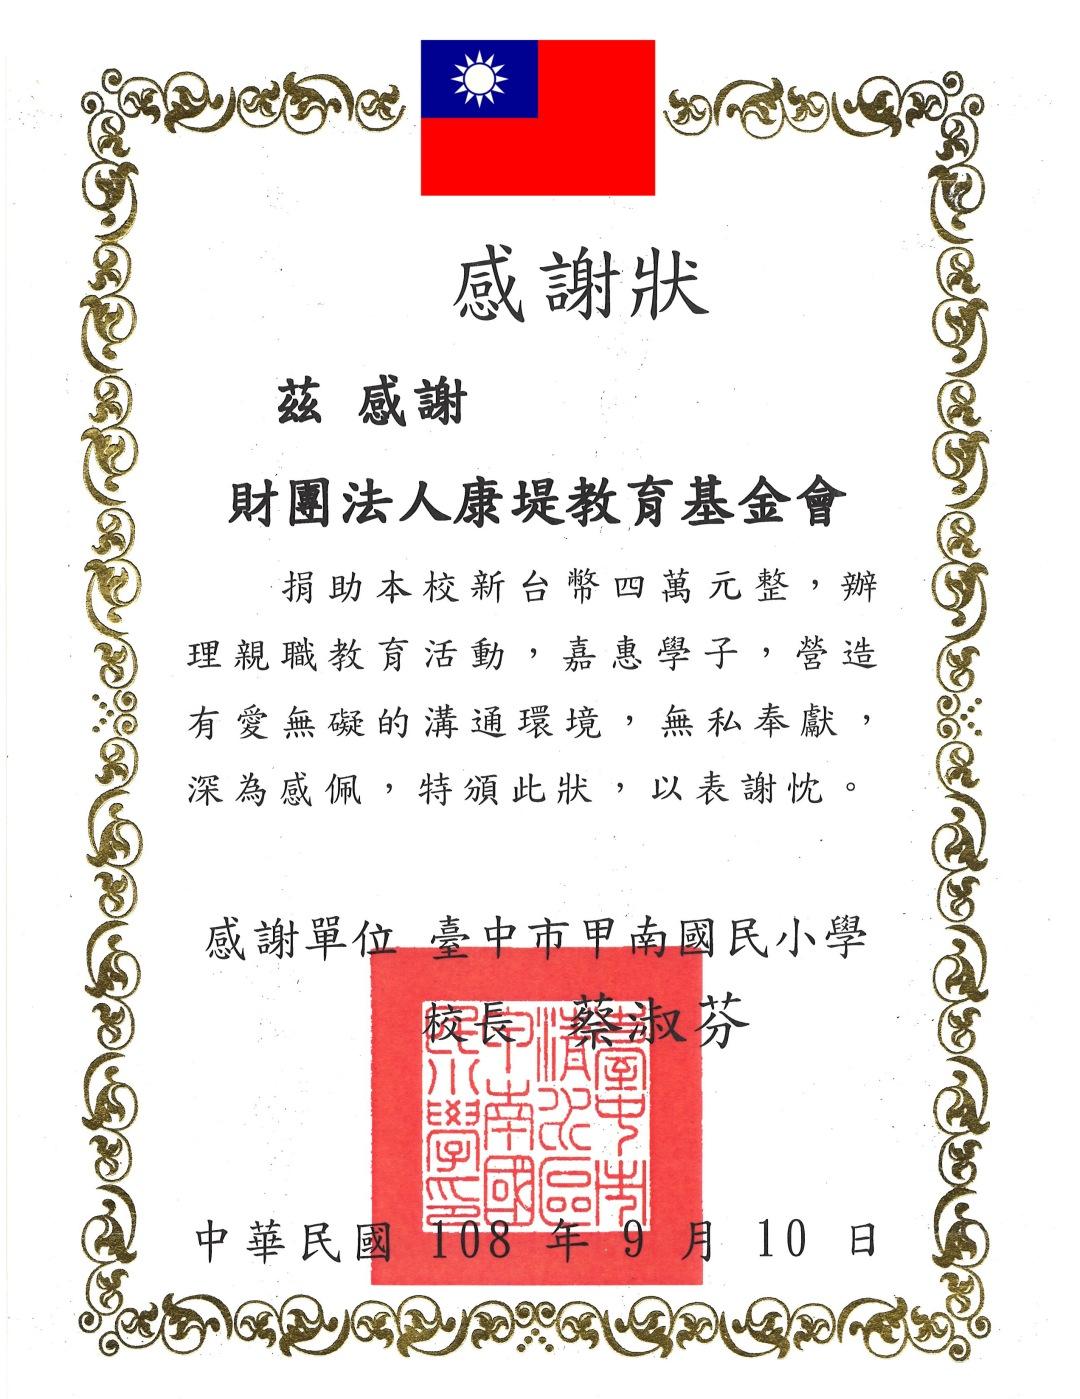 甲南國小 (1)